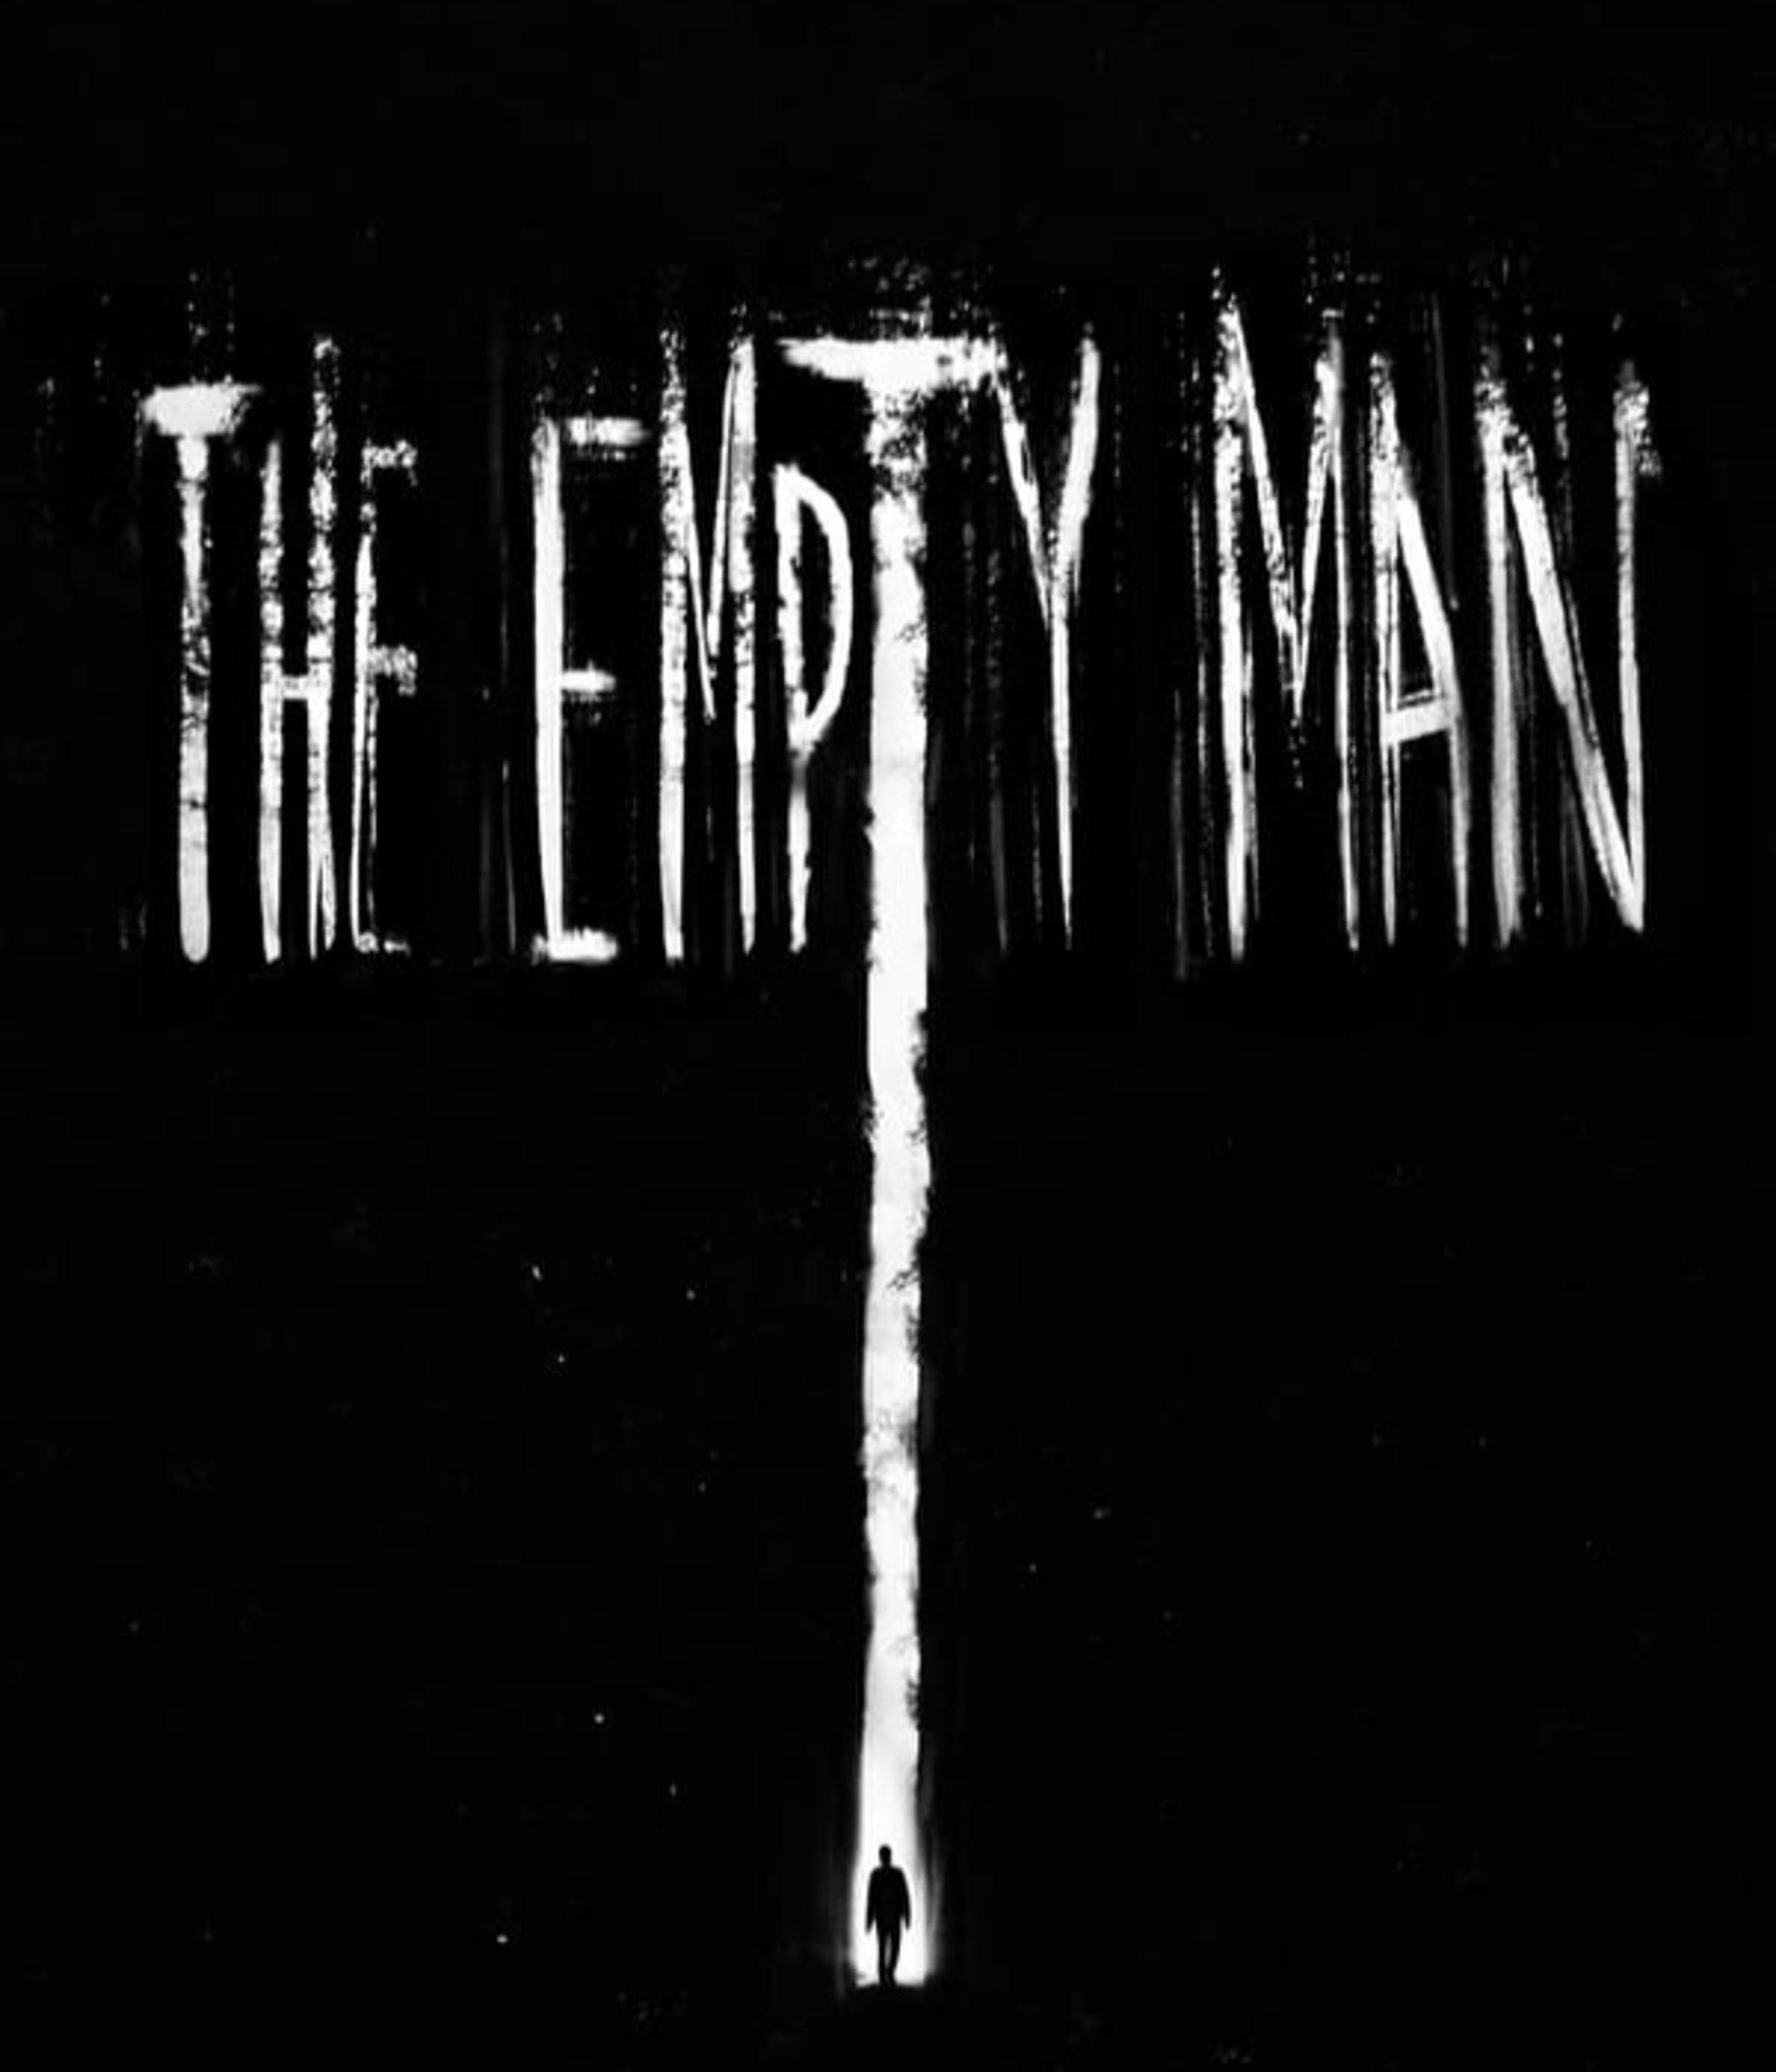 Nonton Film The Empty Man (2020) Full Movie Sub Indo | cnnxxi